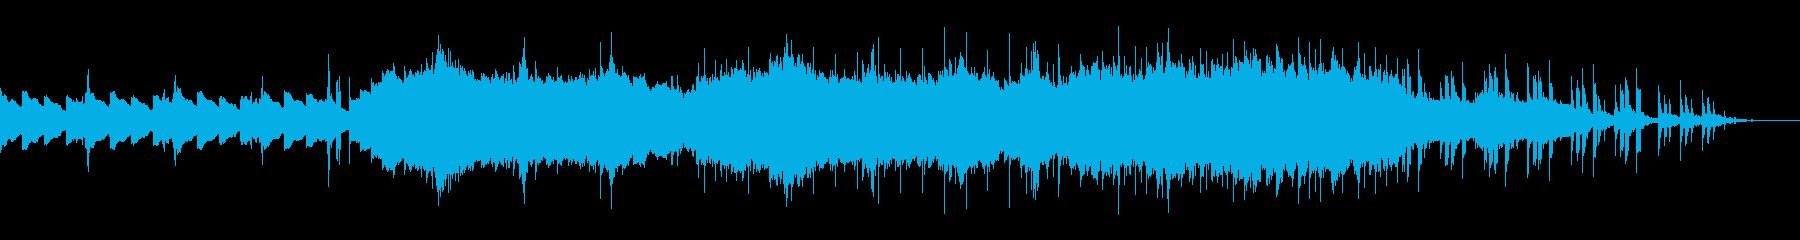 ピアノを基調としたエレクトロニカの再生済みの波形